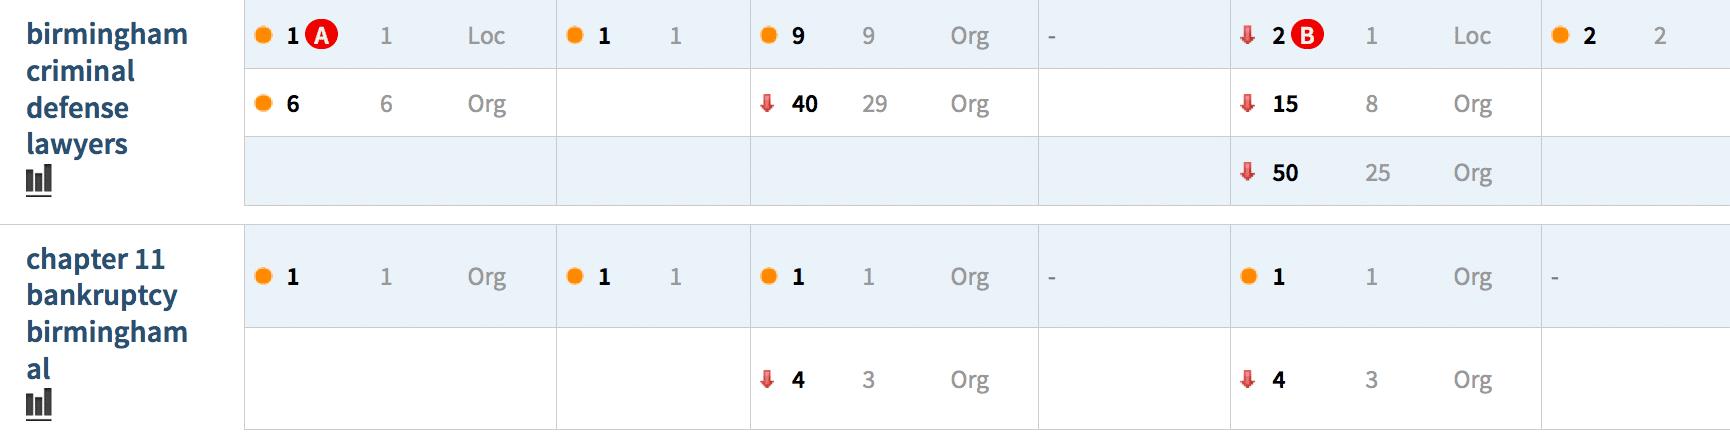 rankings-3